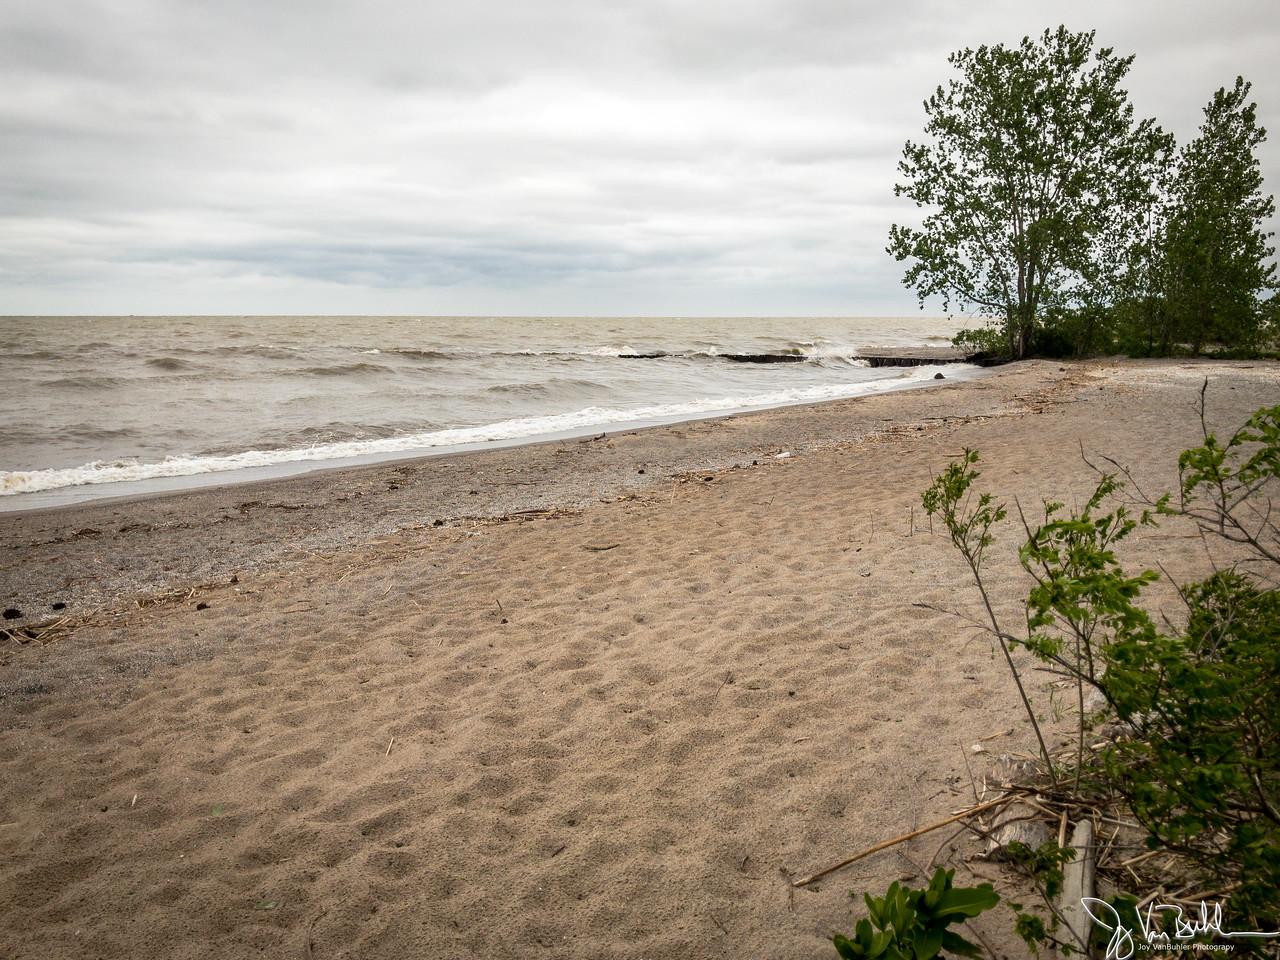 139/365 - Lake Erie